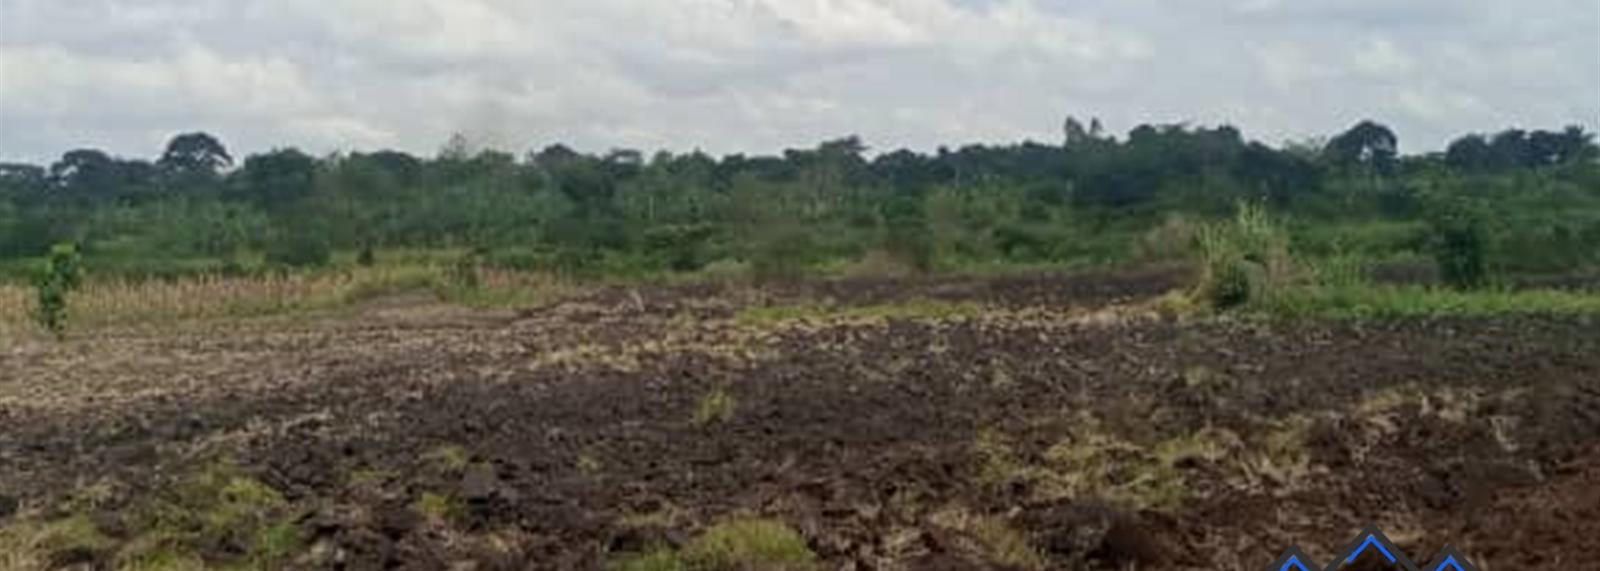 Zirobwe